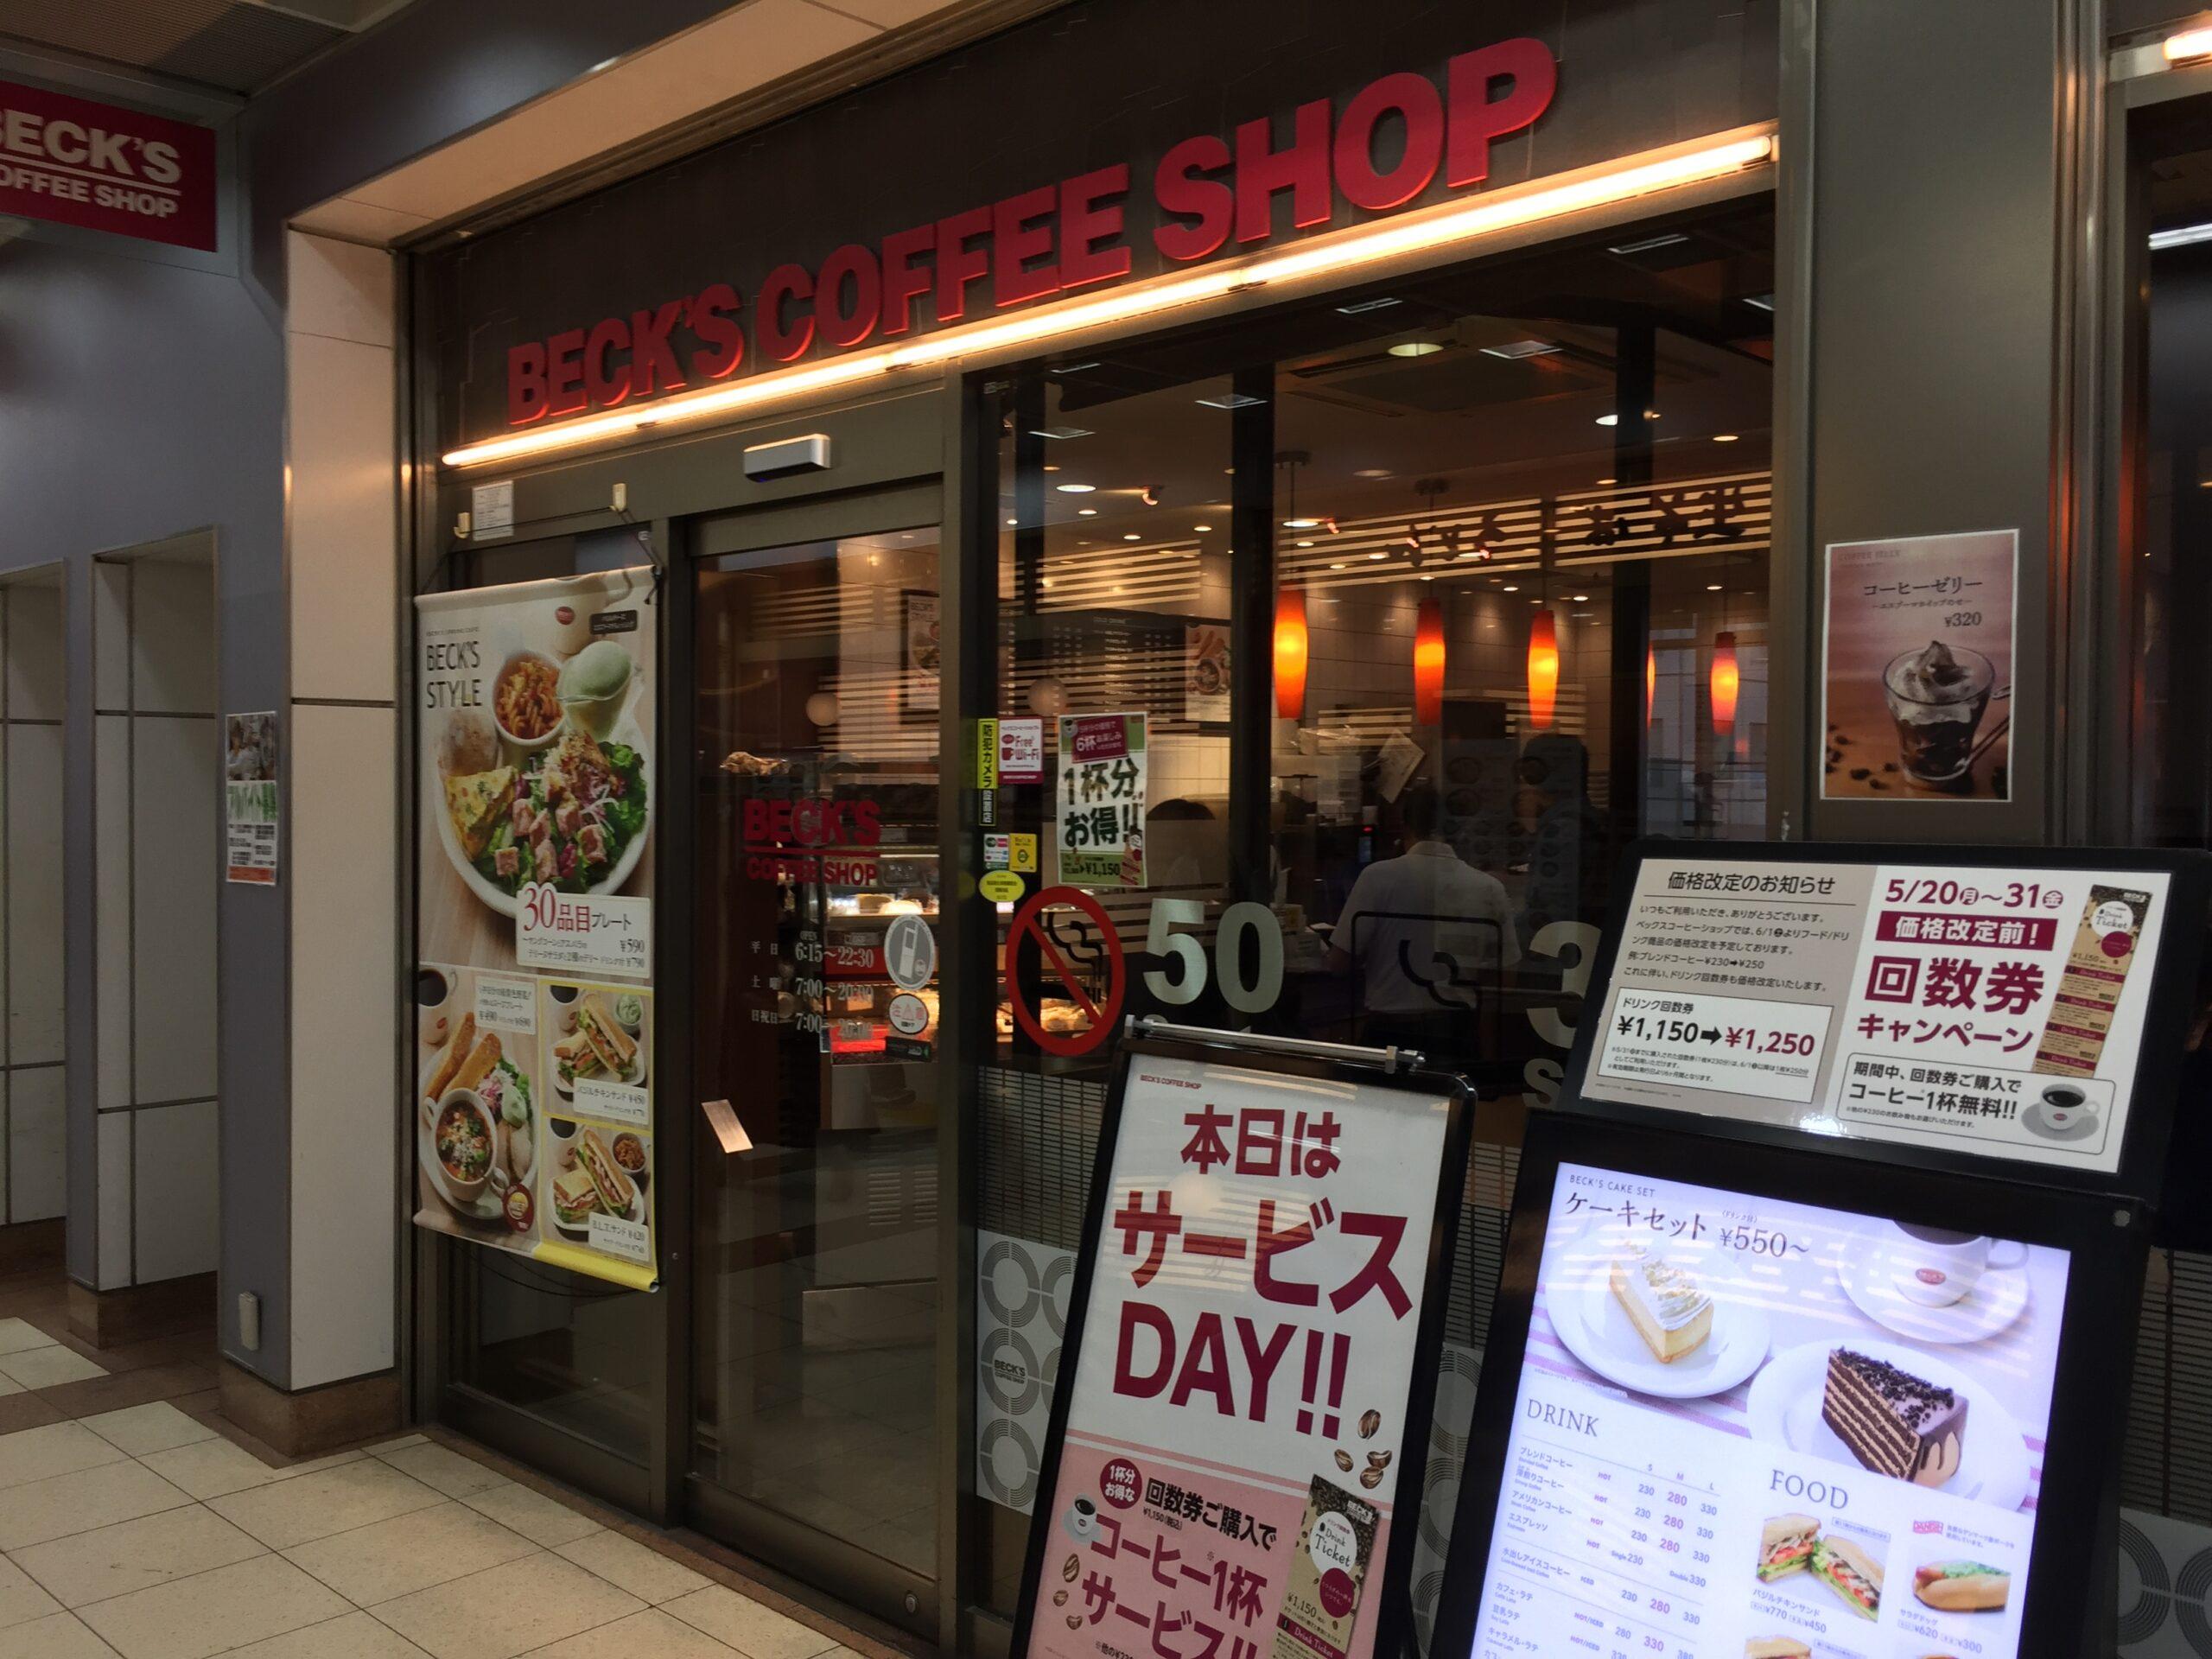 武蔵浦和駅改札内 ベックスコーヒーショップ ビーンズ武蔵浦和店